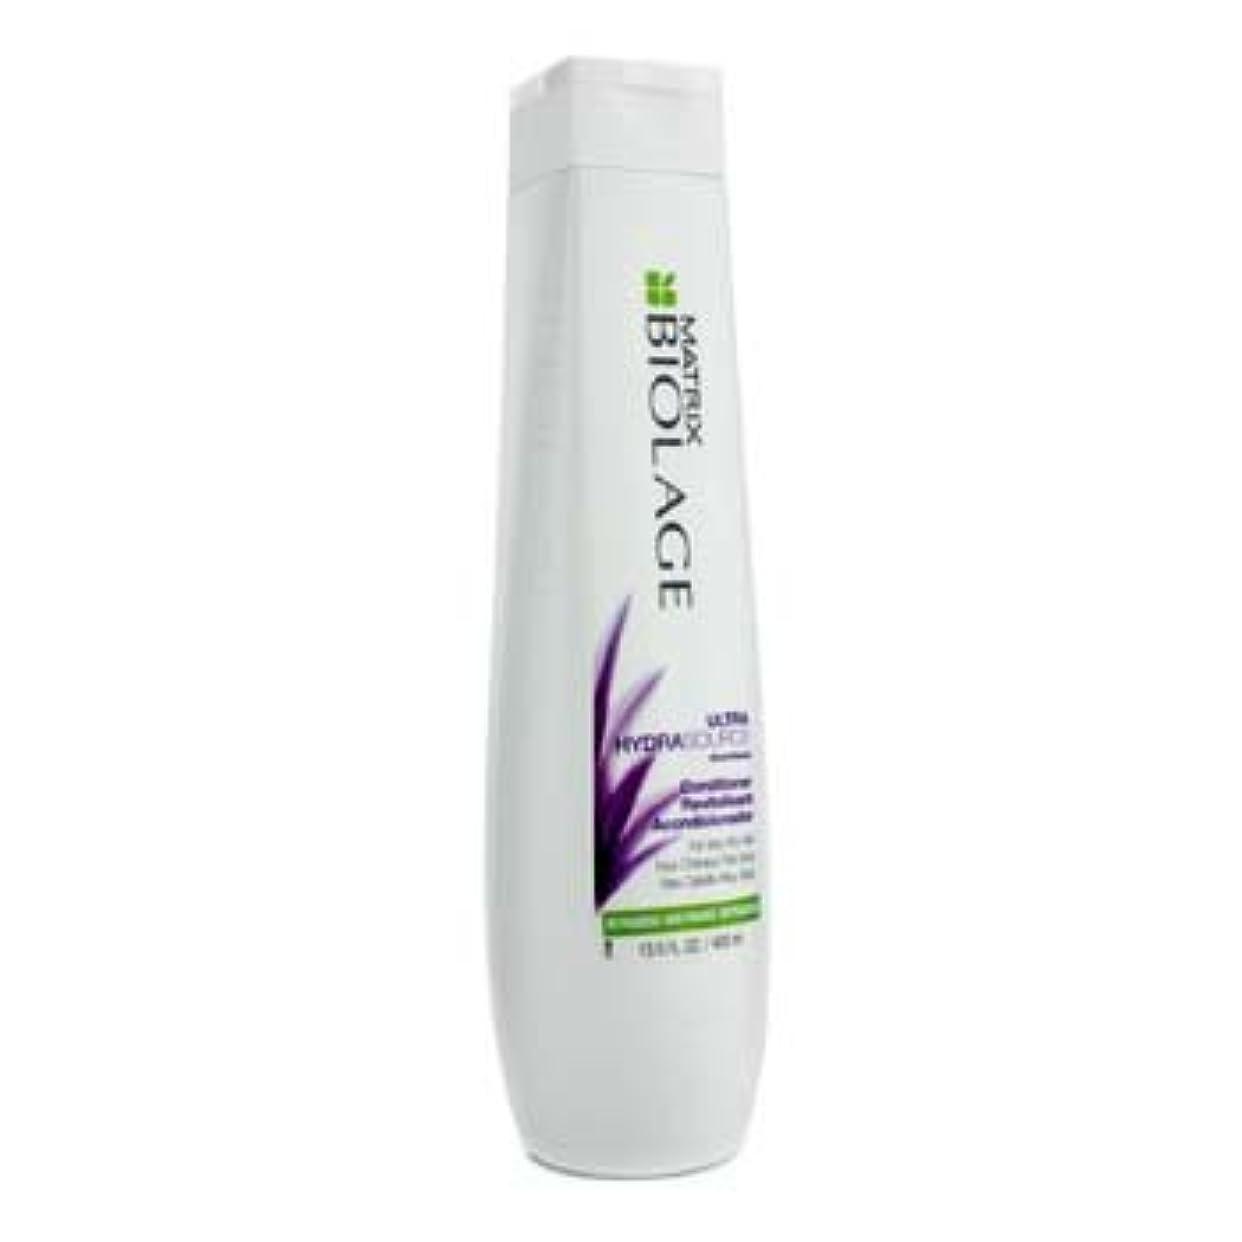 硬い商標後退する[Matrix] Biolage Ultra HydraSource Conditioner (For Very Dry Hair) 400ml/13.5oz